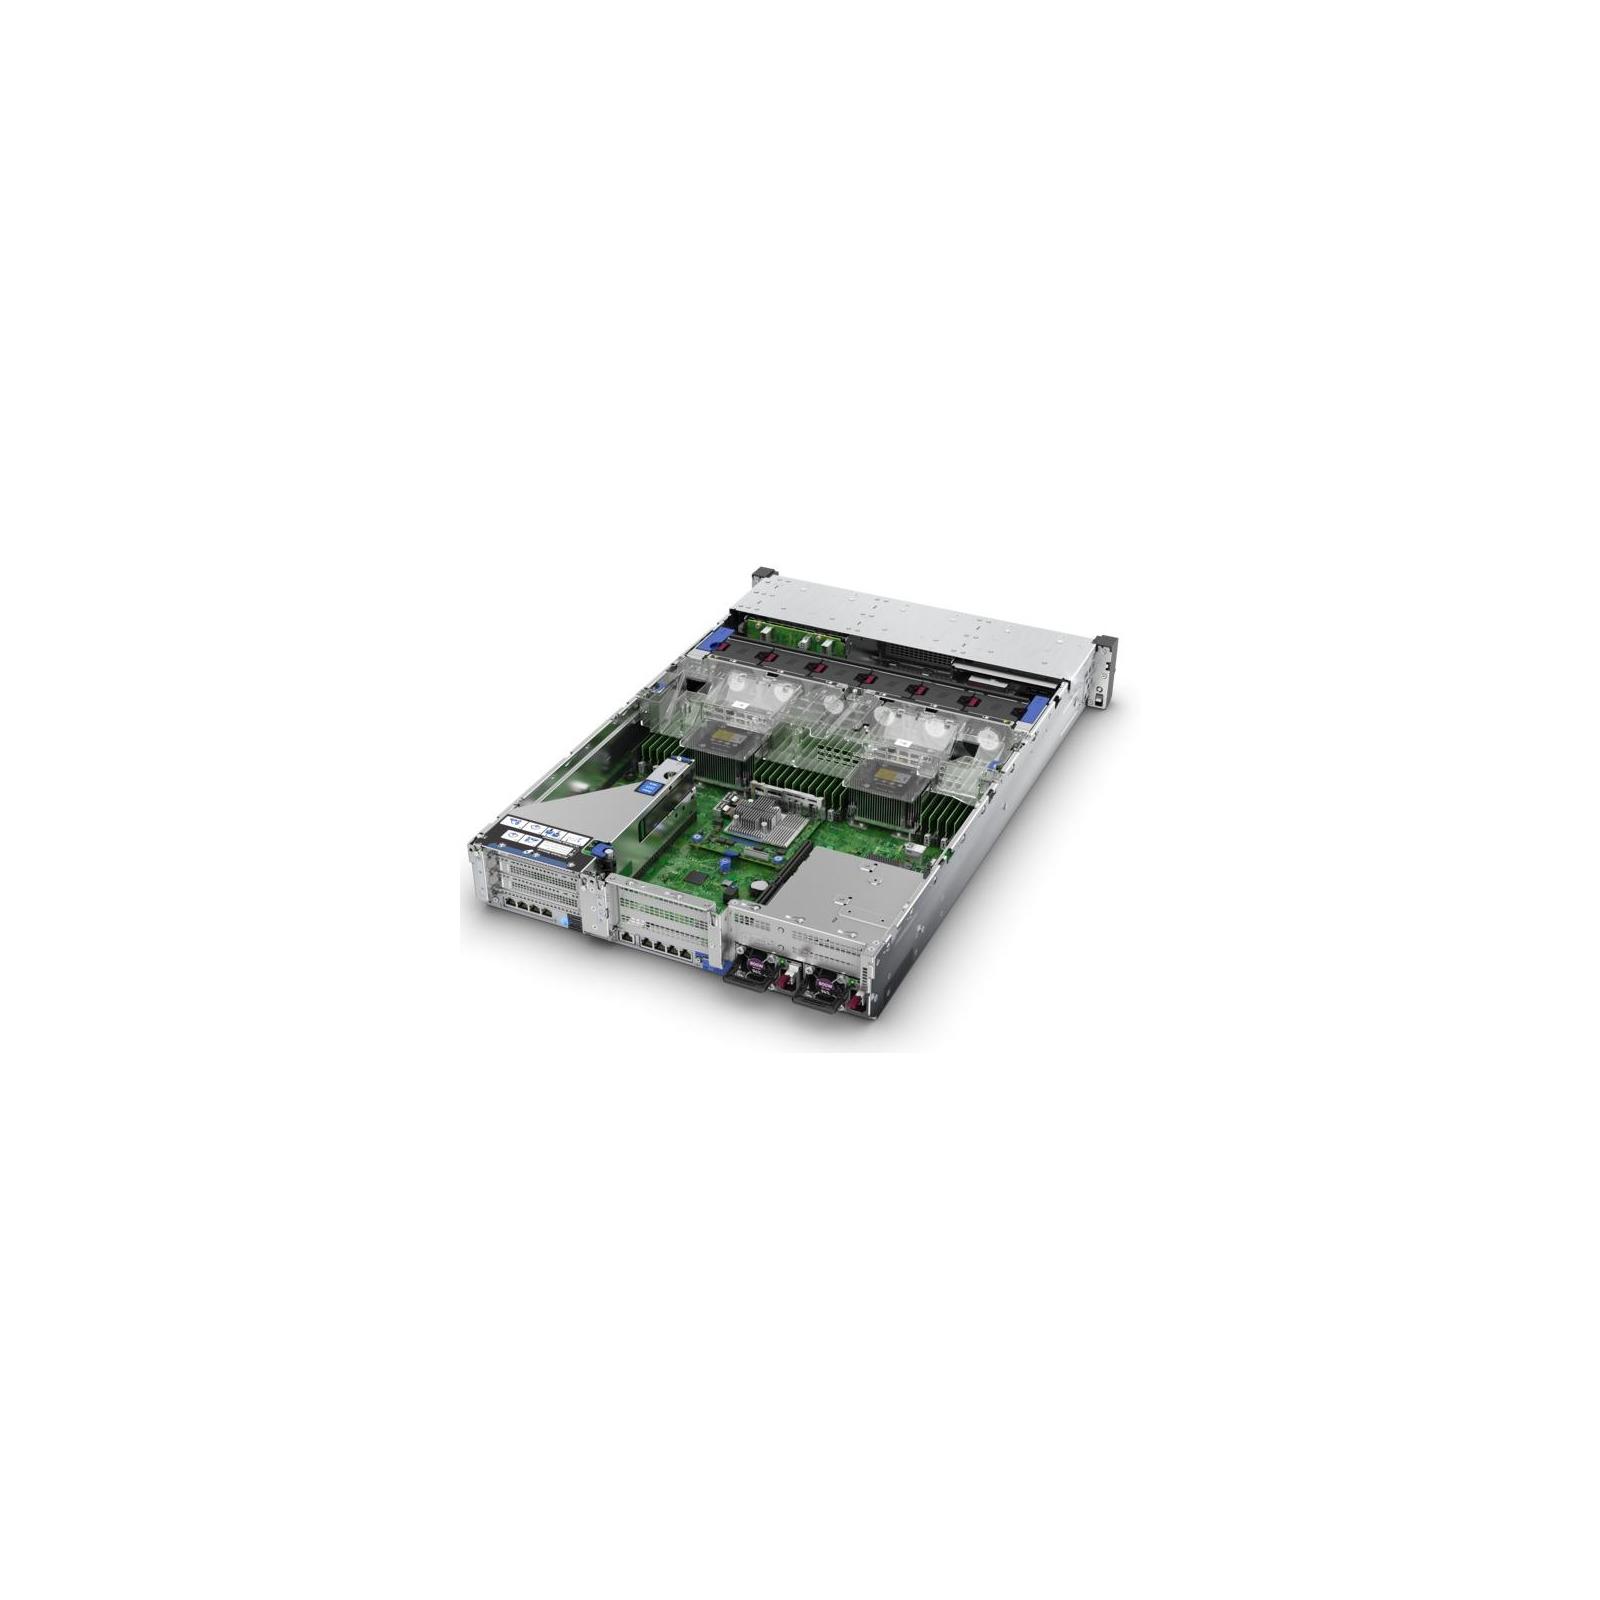 Сервер Hewlett Packard Enterprise DL380 Gen10 (875671-425) изображение 6